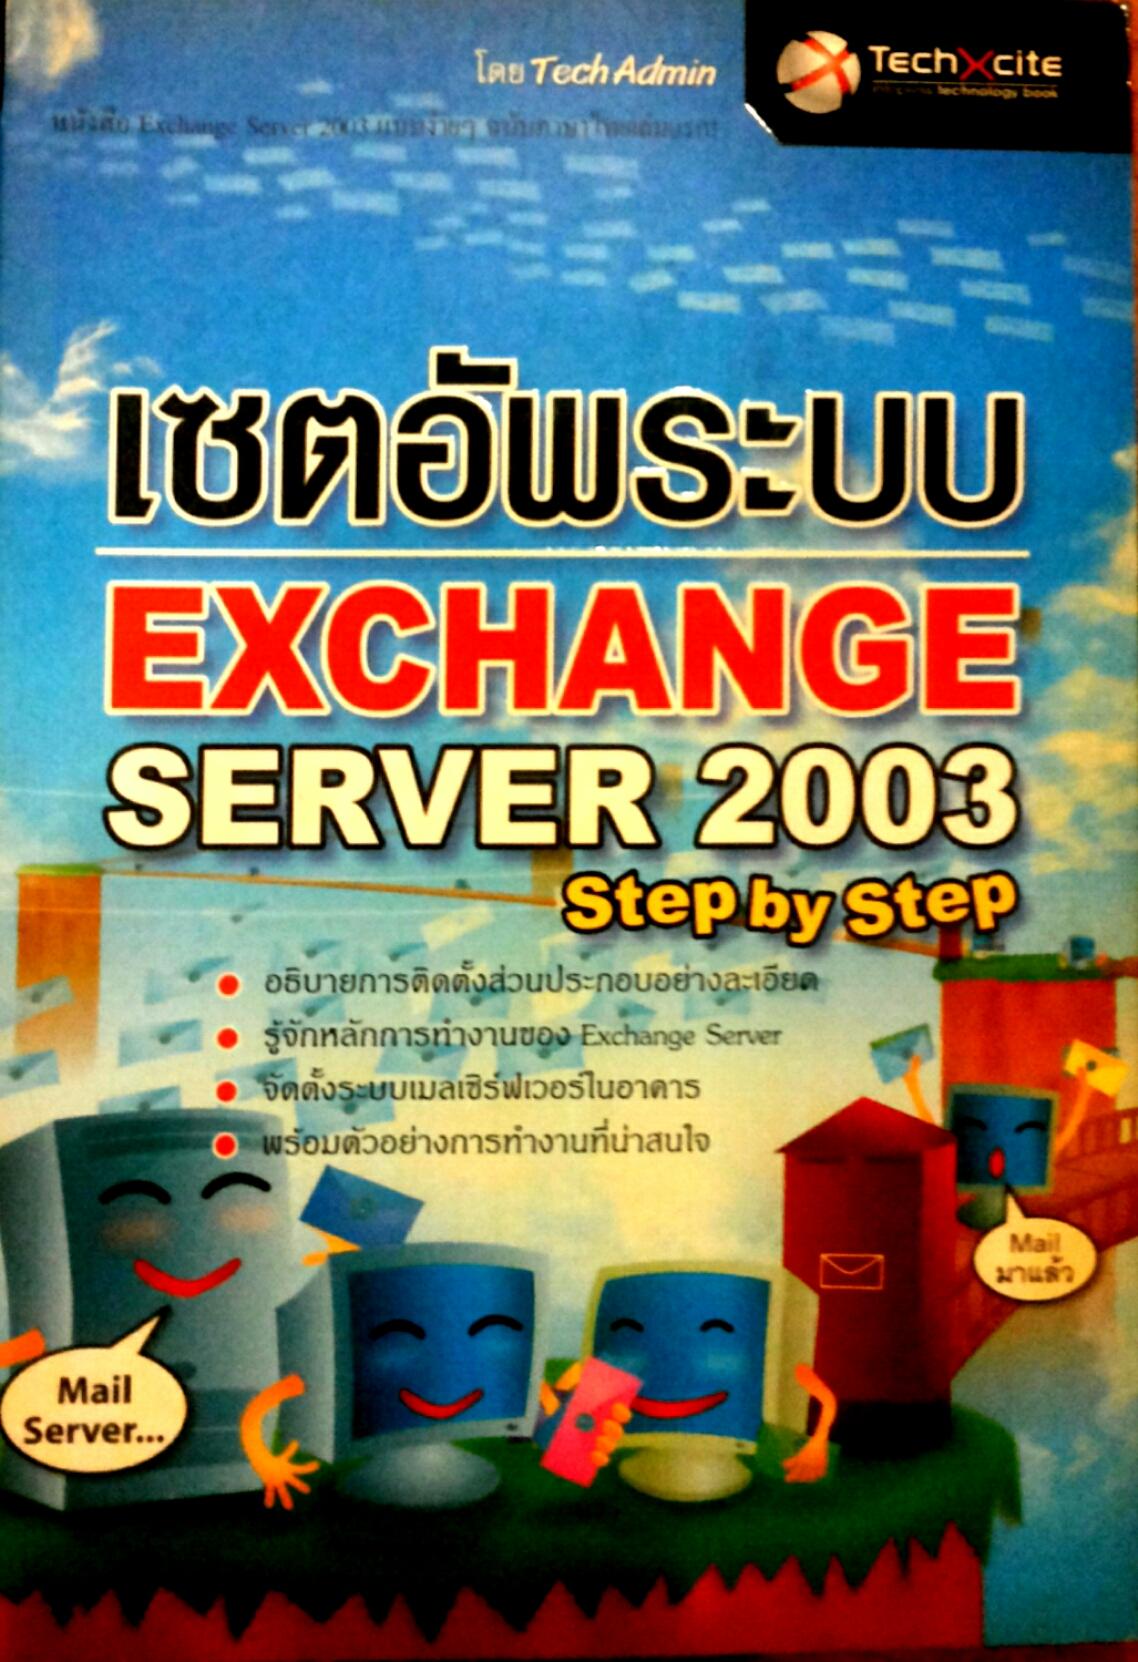 เซตอัพระบบ EXCHANGE SERVER 2003 Step by Step